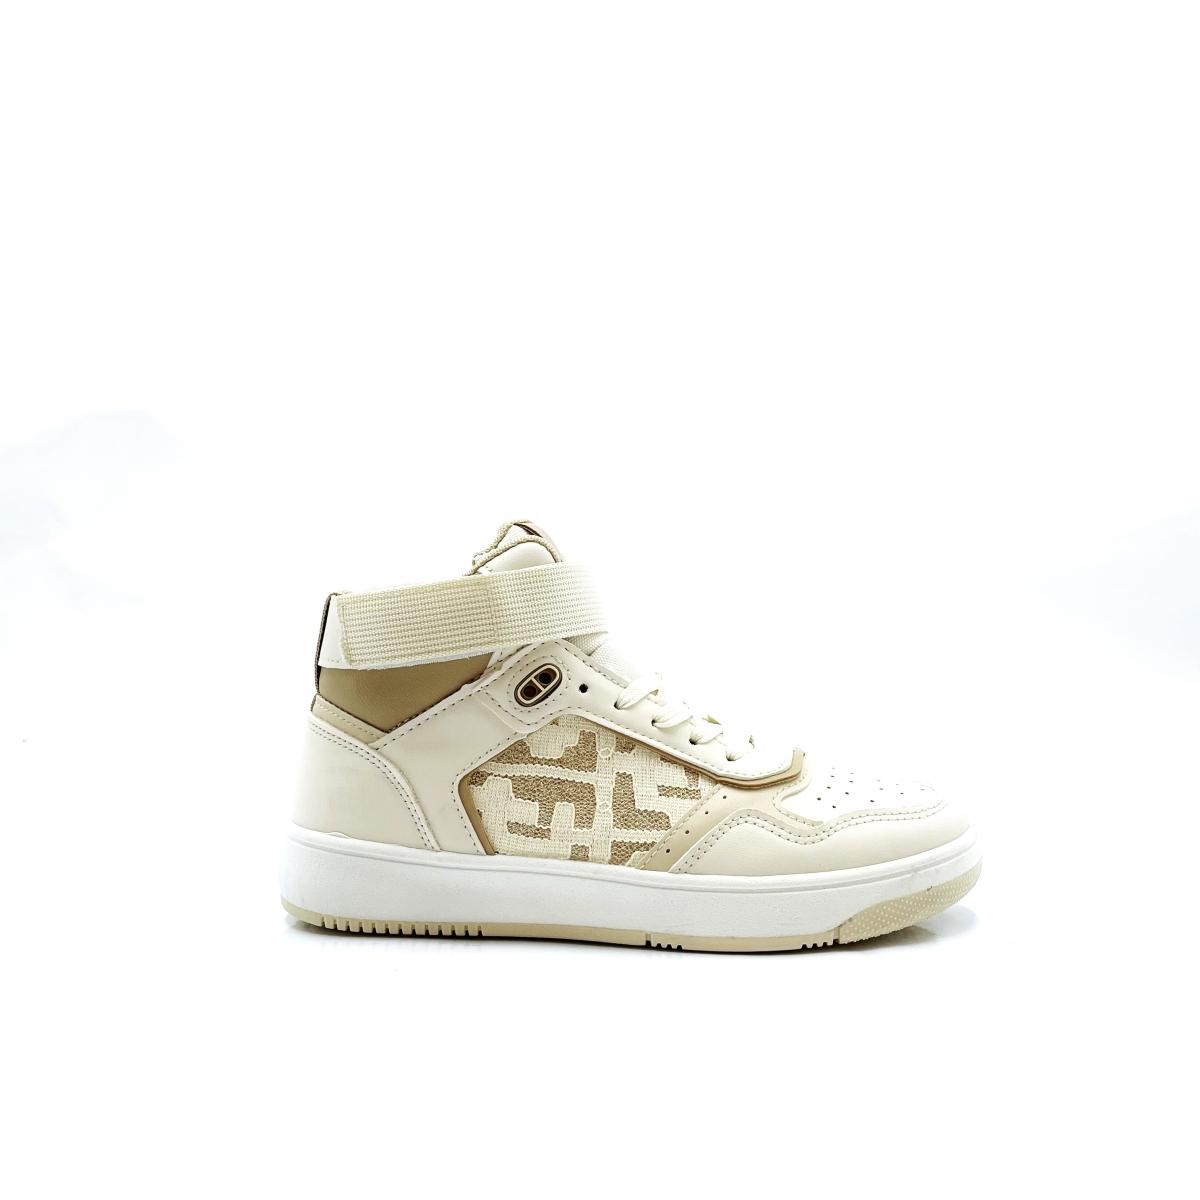 Hoge sneaker wit beige